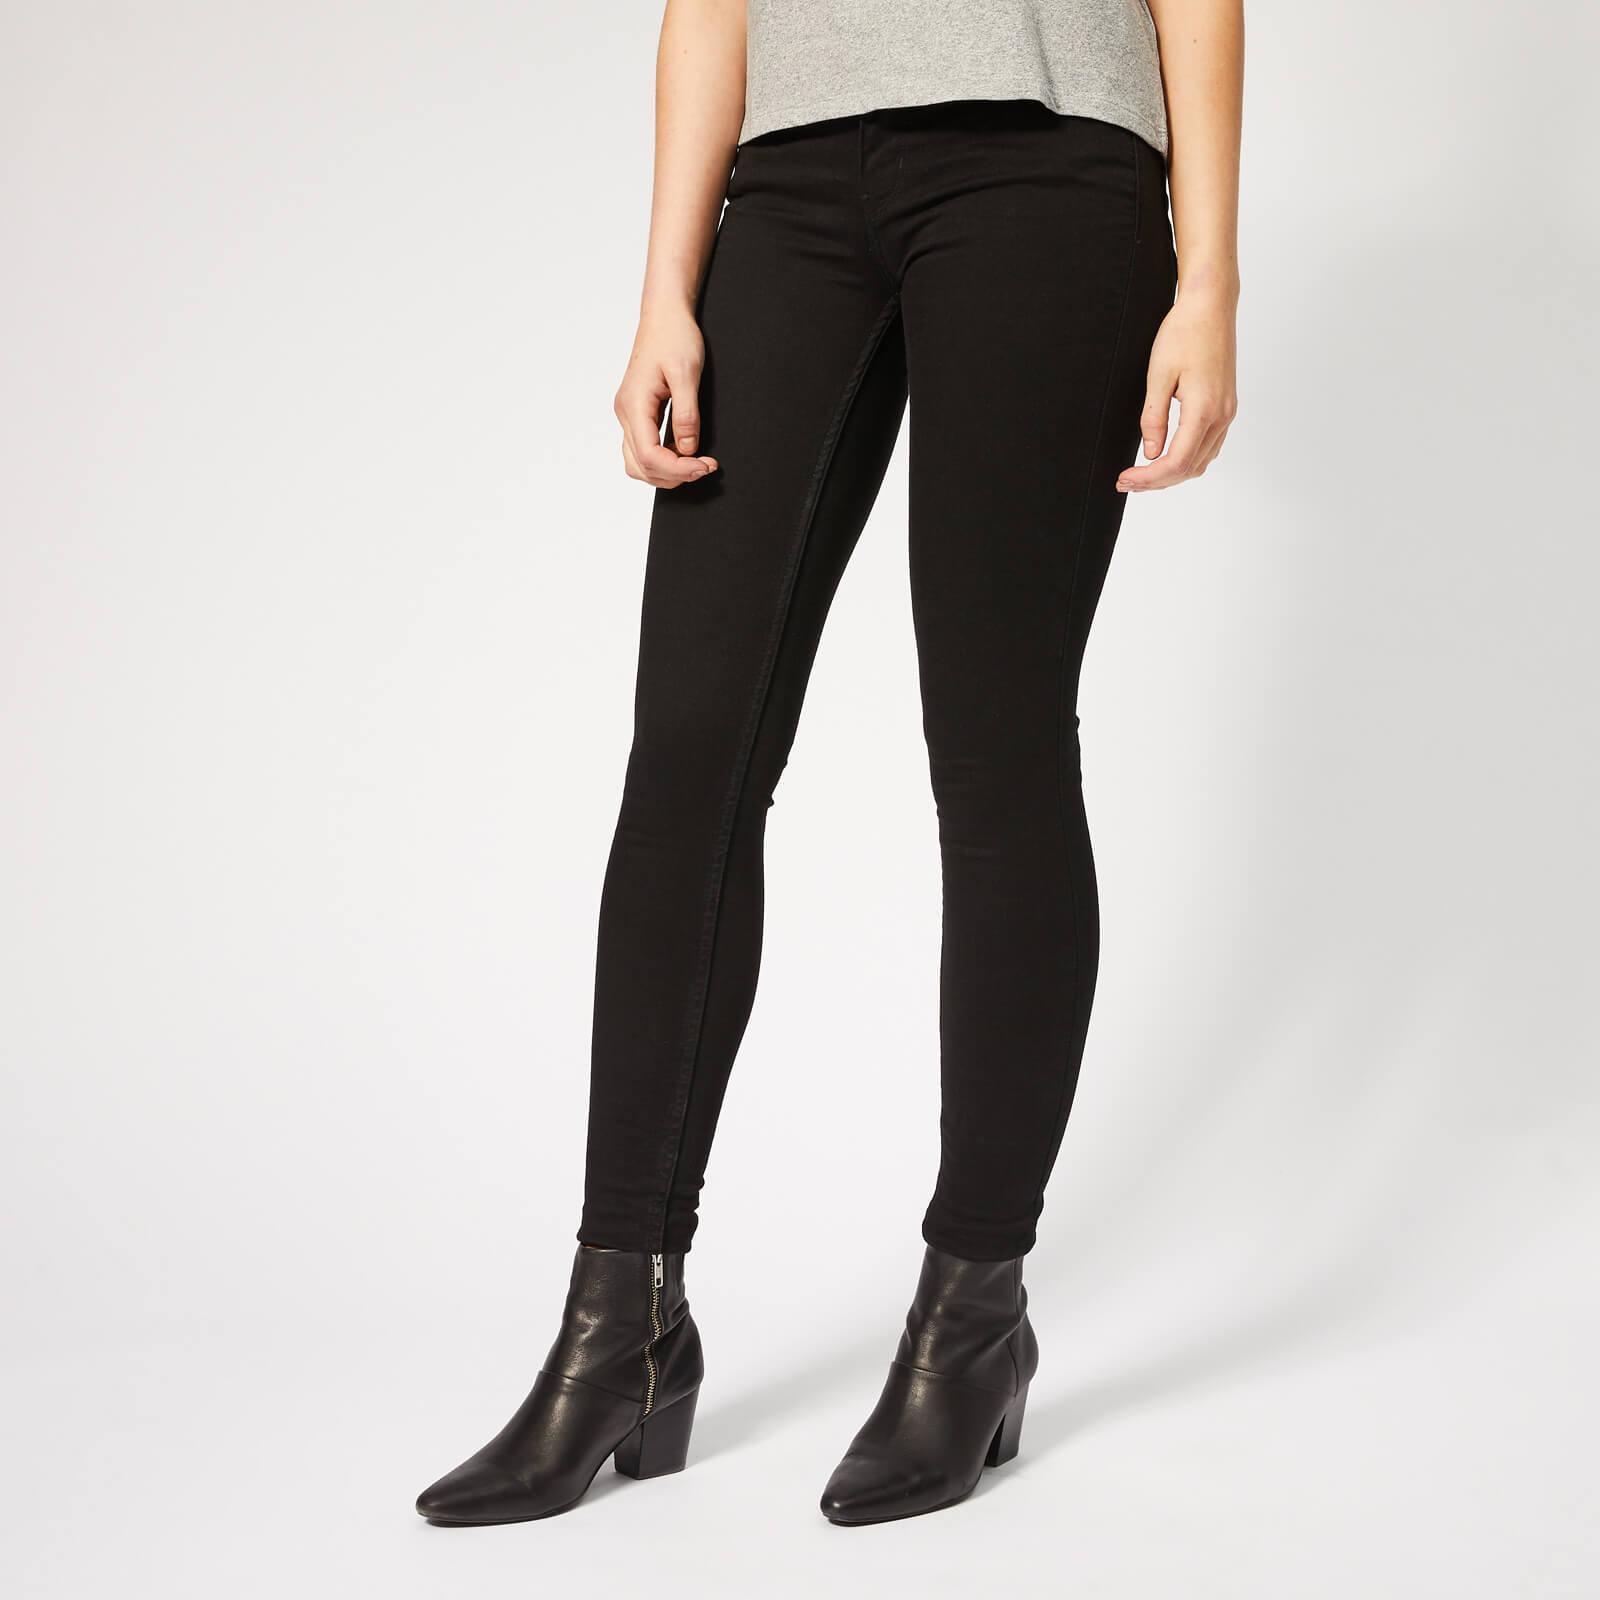 Levi's s Innovation Super Skinny Jeans - Black Galaxy - W27/L32